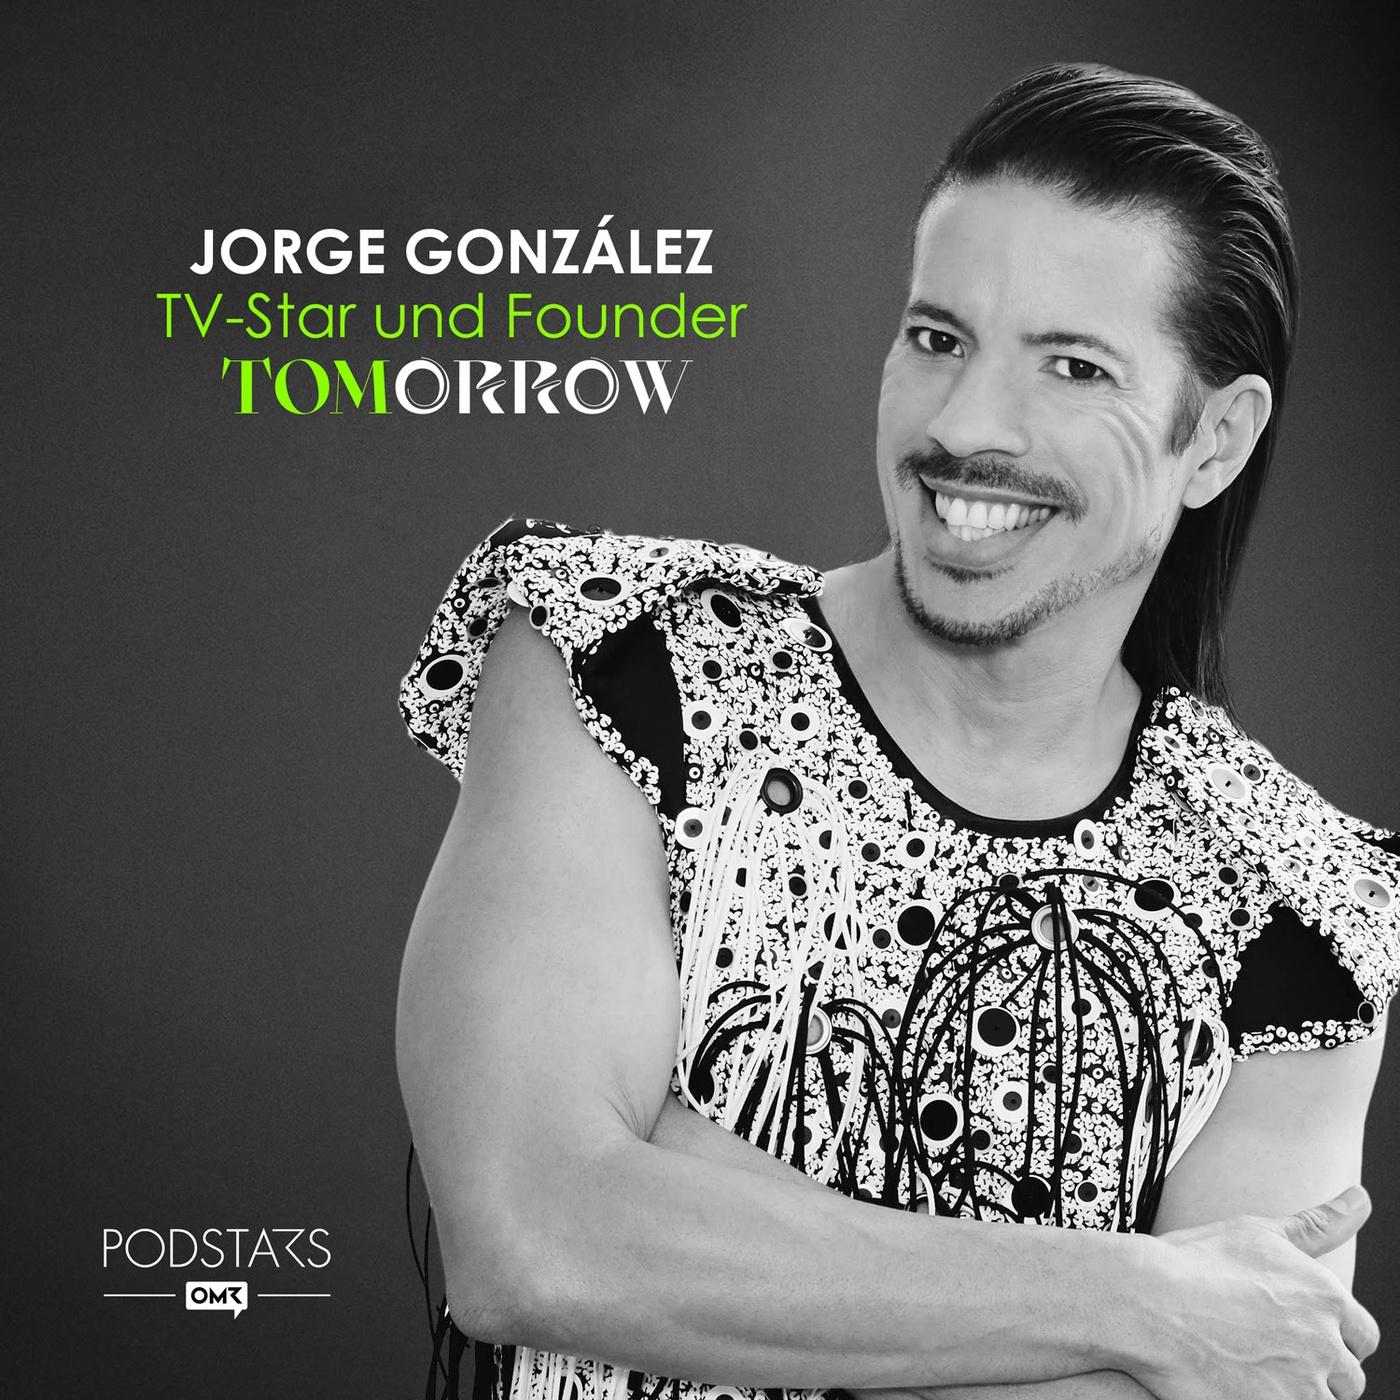 """""""Du bist gut so wie du bist"""" – mit Jorge González, TV-Star und Founder"""